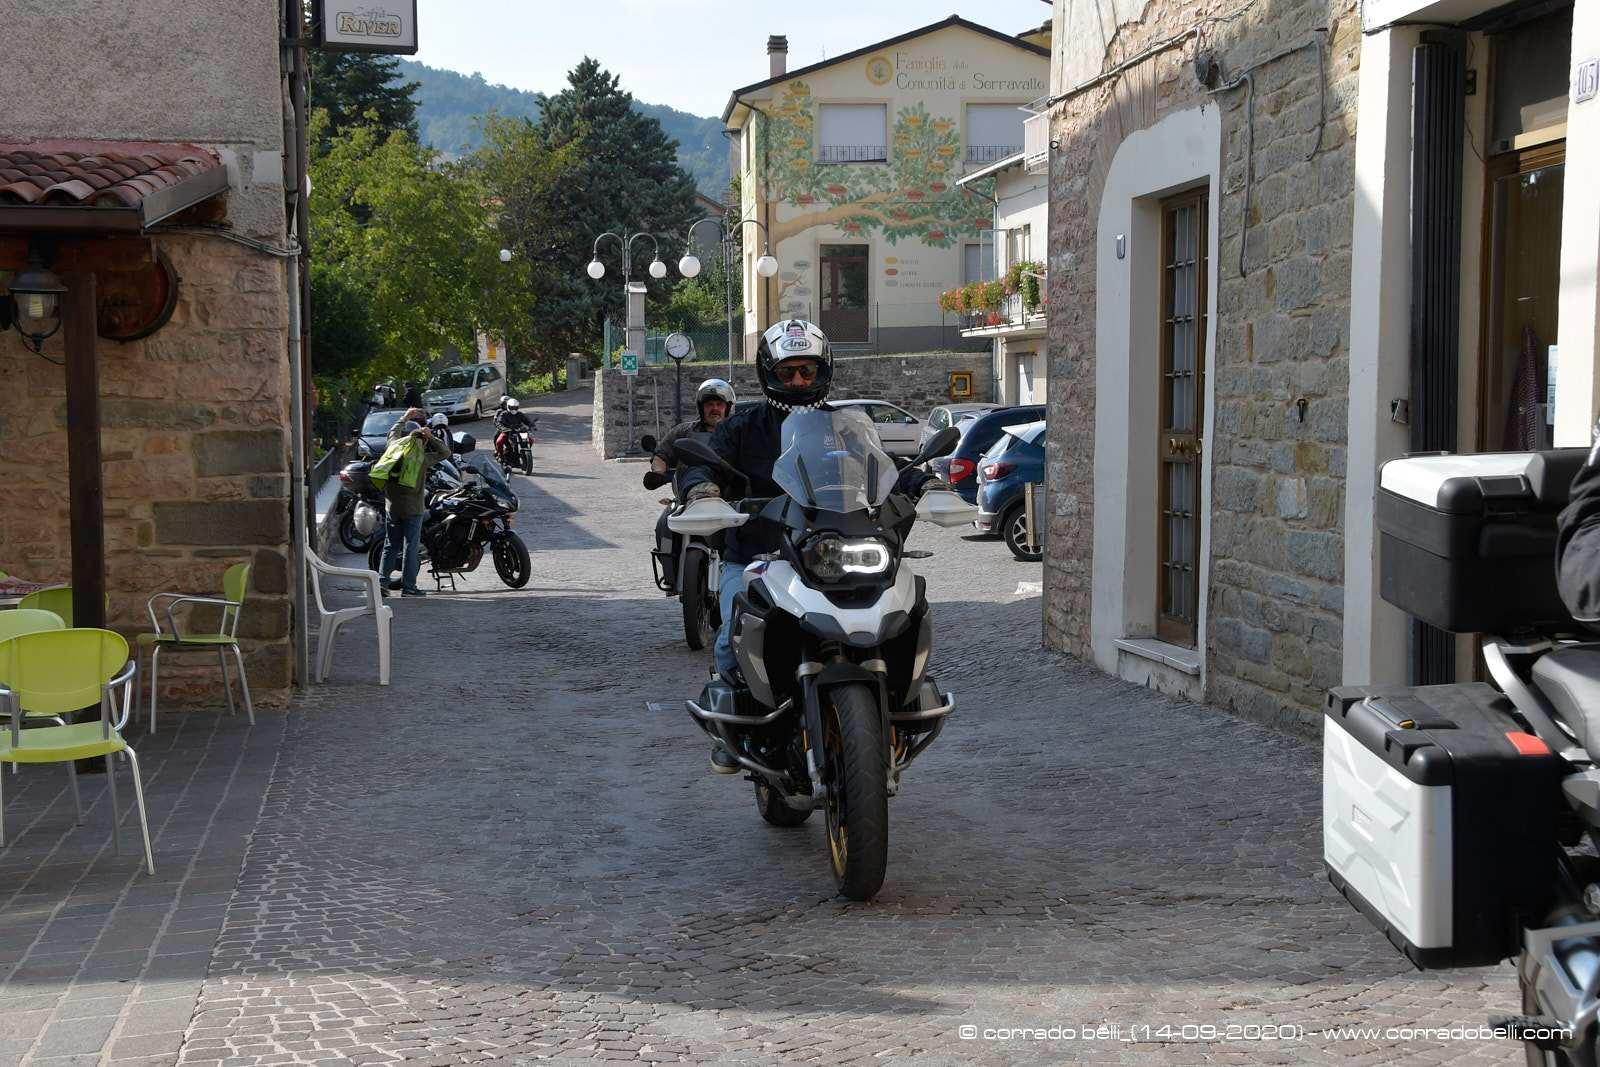 0217_-Benelli-Week-14-09-20